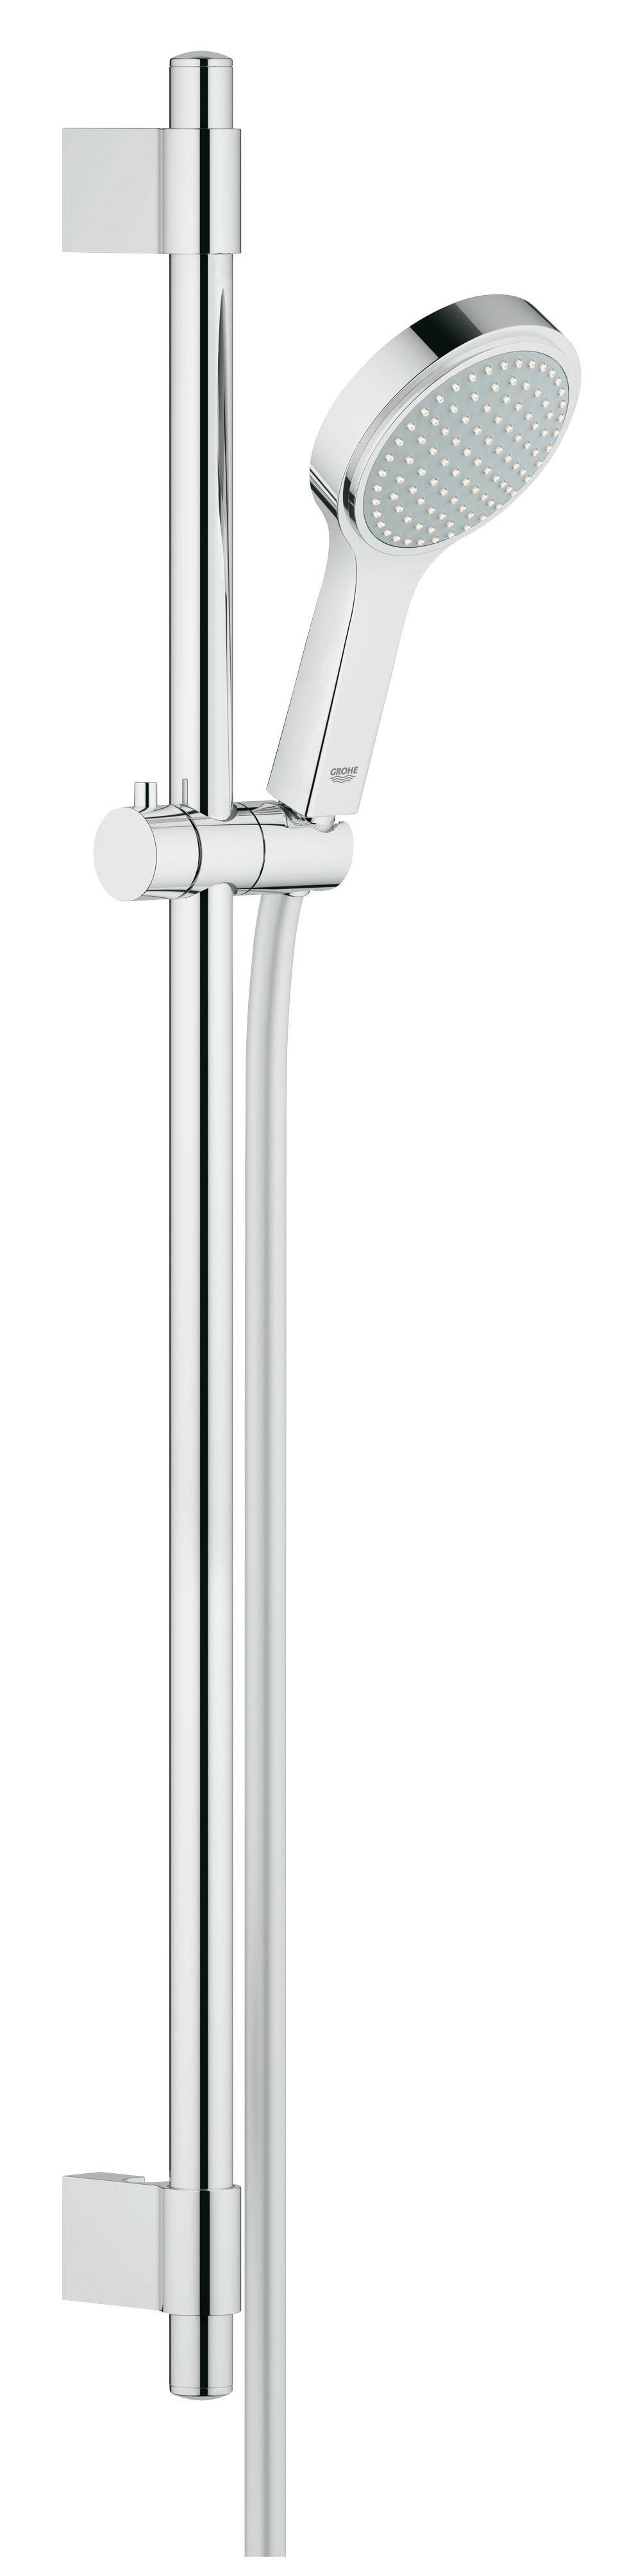 Душевой комплект GROHE Power&Soul Cosmopolitan 115 (27755000)27755000Включает в себя: Ручной душ Power&Soul Cosmopolitan 115 (27 660 000) Душевая штанга, 900 мм (27 785 000) С металлическими настенными креплениями Монтажная система GROHE QuickFix™ Plus Душевой шланг 1750 мм (28 388 000) Twistfree против перекручивания шланга GROHE DreamSpray превосходный поток воды GROHE CoolTouch GROHE StarLight хромированная поверхностьGROHE QuickFix Plus(регулируемое расстояние между настенными креплениями штанги позволяет использовать для монтажа уже имеющиеся отверстия в стене ) С системой SpeedClean против известковых отложений Может использоваться с проточным водонагревателемВидео по установке является исключительно информационным. Установка должна проводиться профессионалами! Характеристики: Материал: ABS-пластик, металл. Цвет: хром. Высота штанги: 90 см. Длина шланга: 175 см. Размер упаковки: 103 см х 17 см х 8 см. Артикул: 27755000.